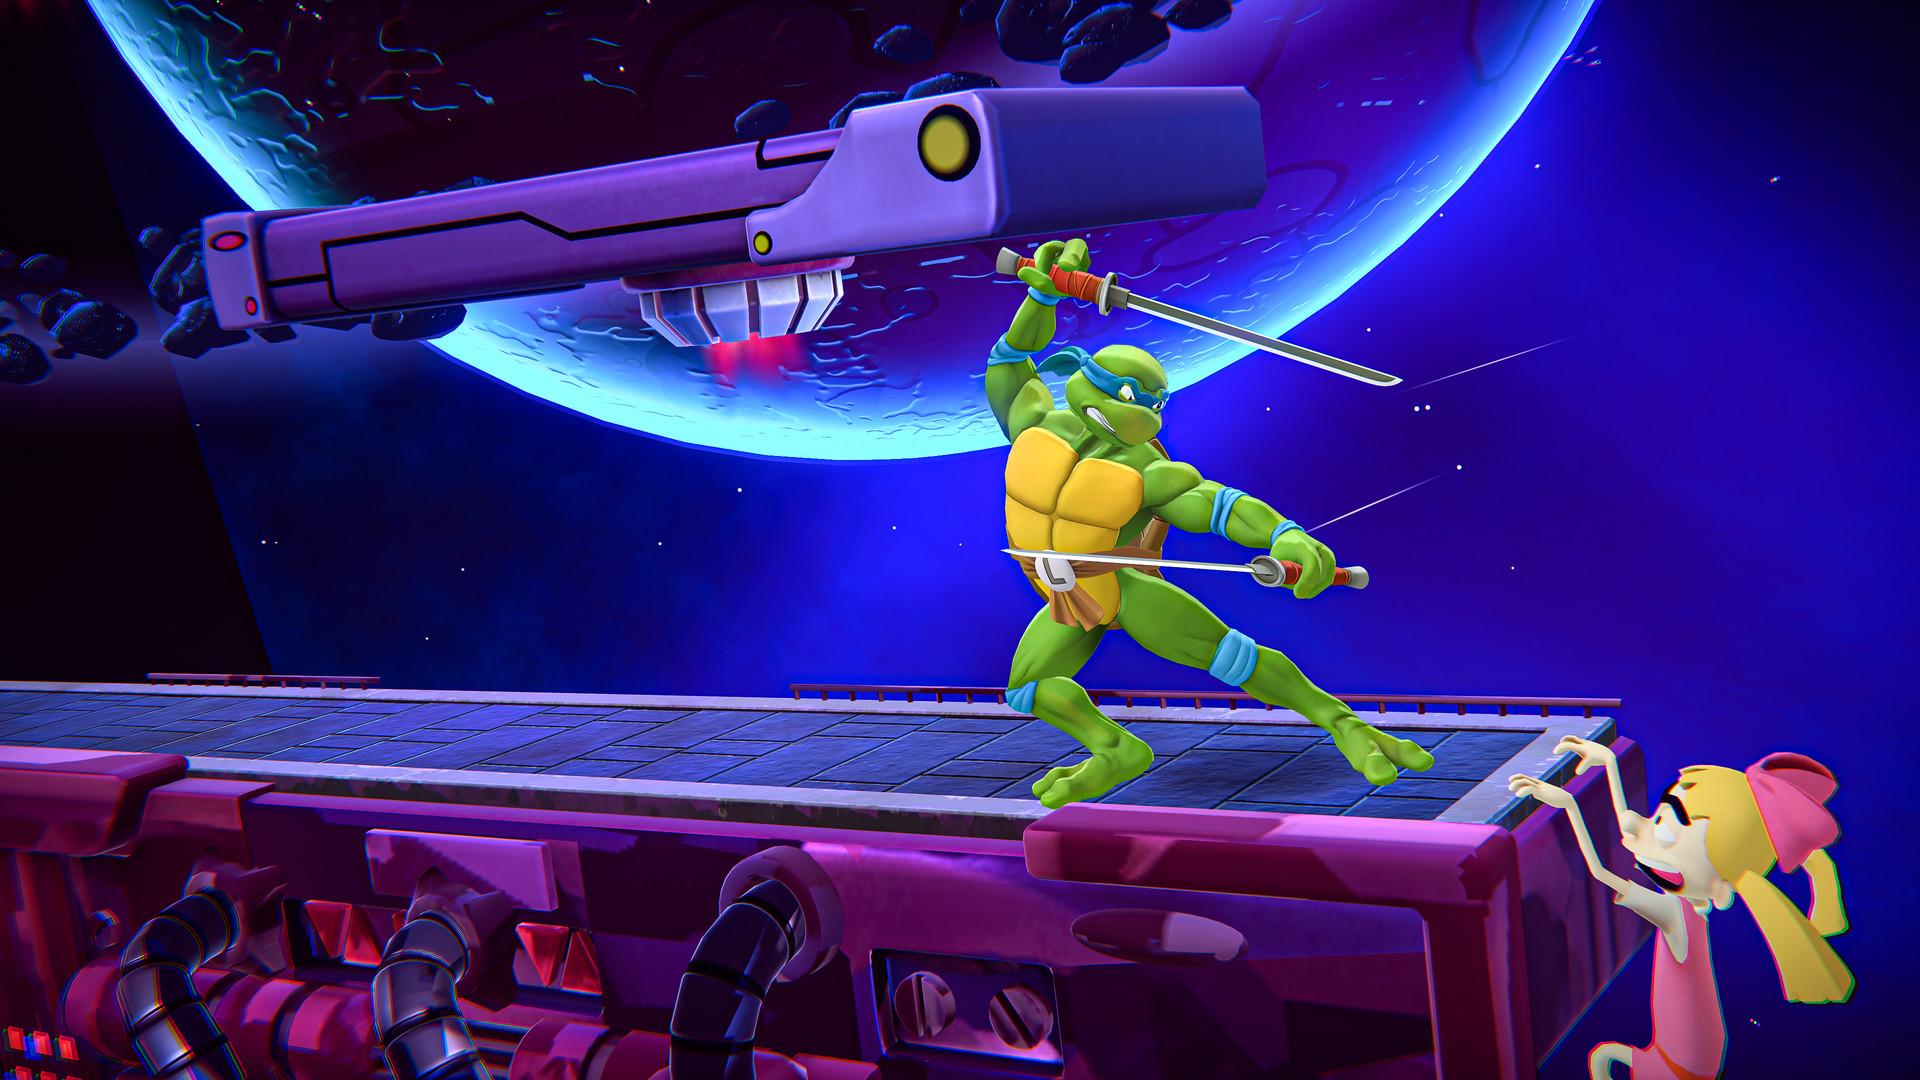 nickelodeon-all-star-brawl-pc-screenshot-4